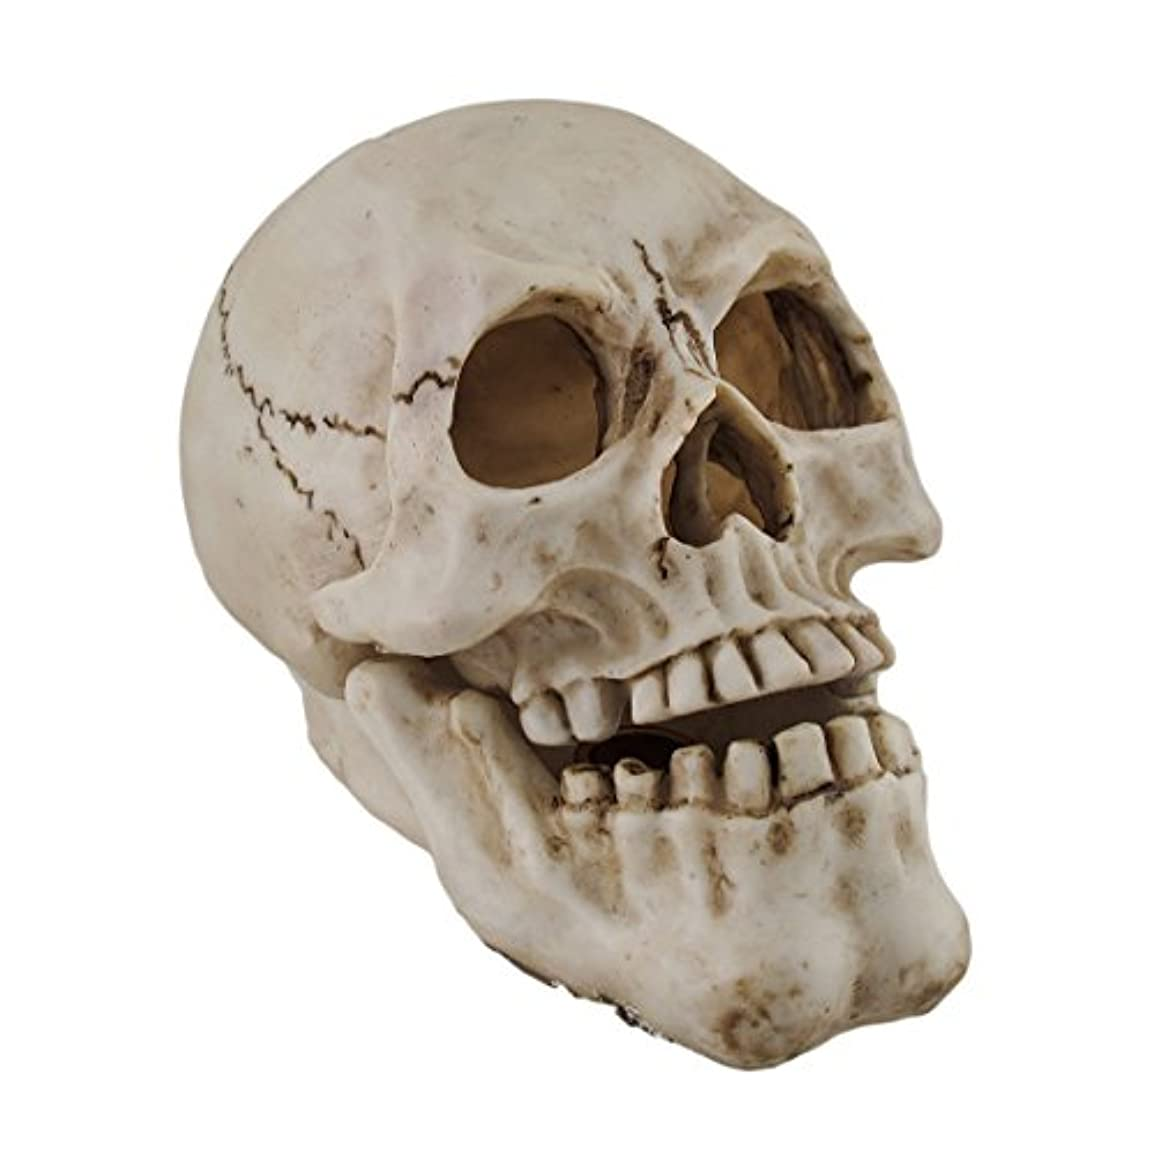 検出ストレッチ島樹脂IncenseホルダーHuman Skull Shaped Incense Burnerボックス7.75 X 5.75 X 4.5インチホワイトモデル# pwh-63